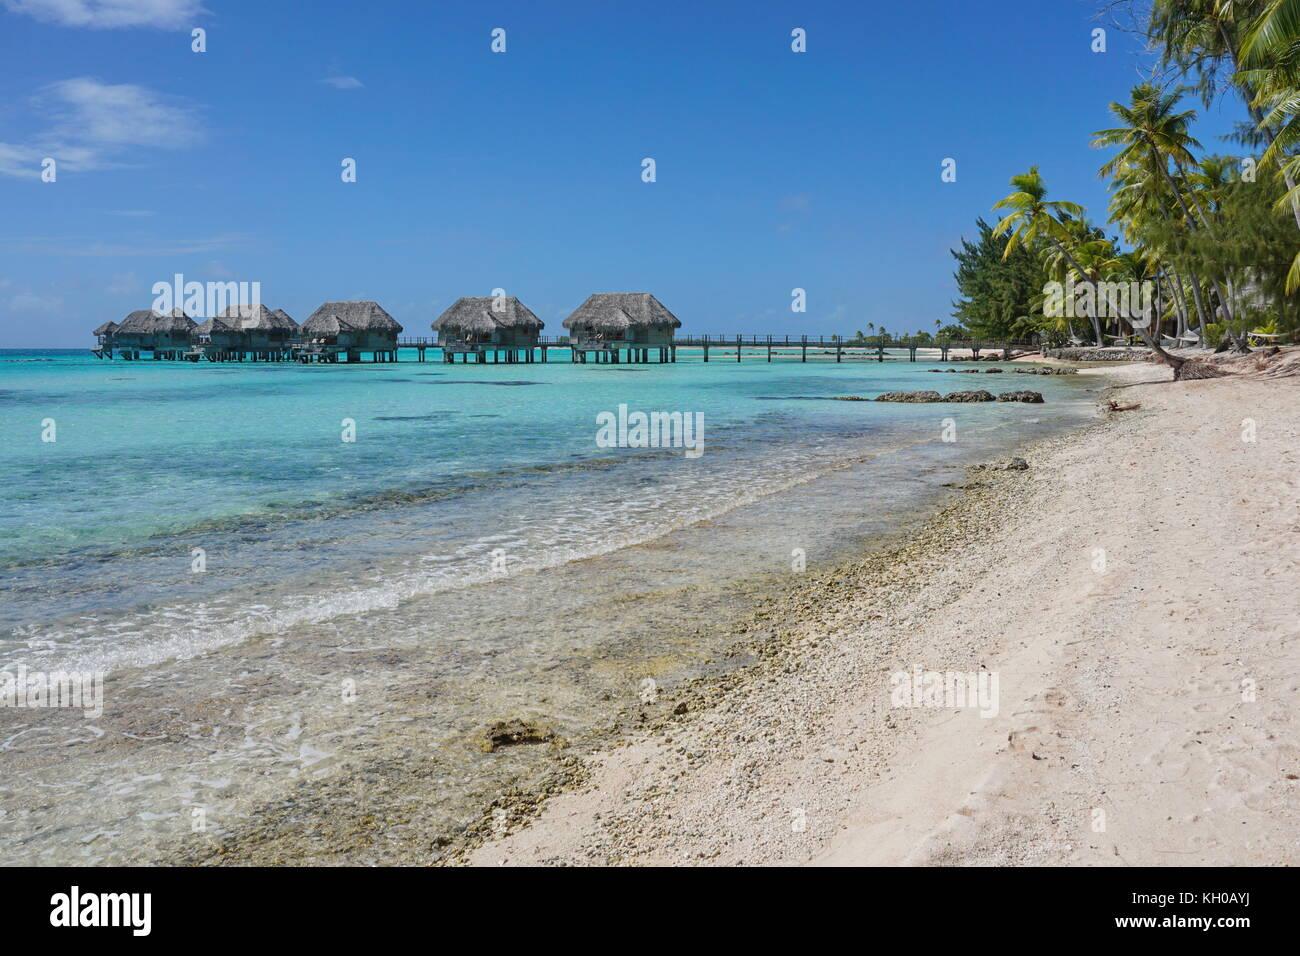 Mare tropicale shore con bungalows sull'acqua nella laguna di Tikehau Atoll, tuamotus, Polinesia francese, oceano Immagini Stock